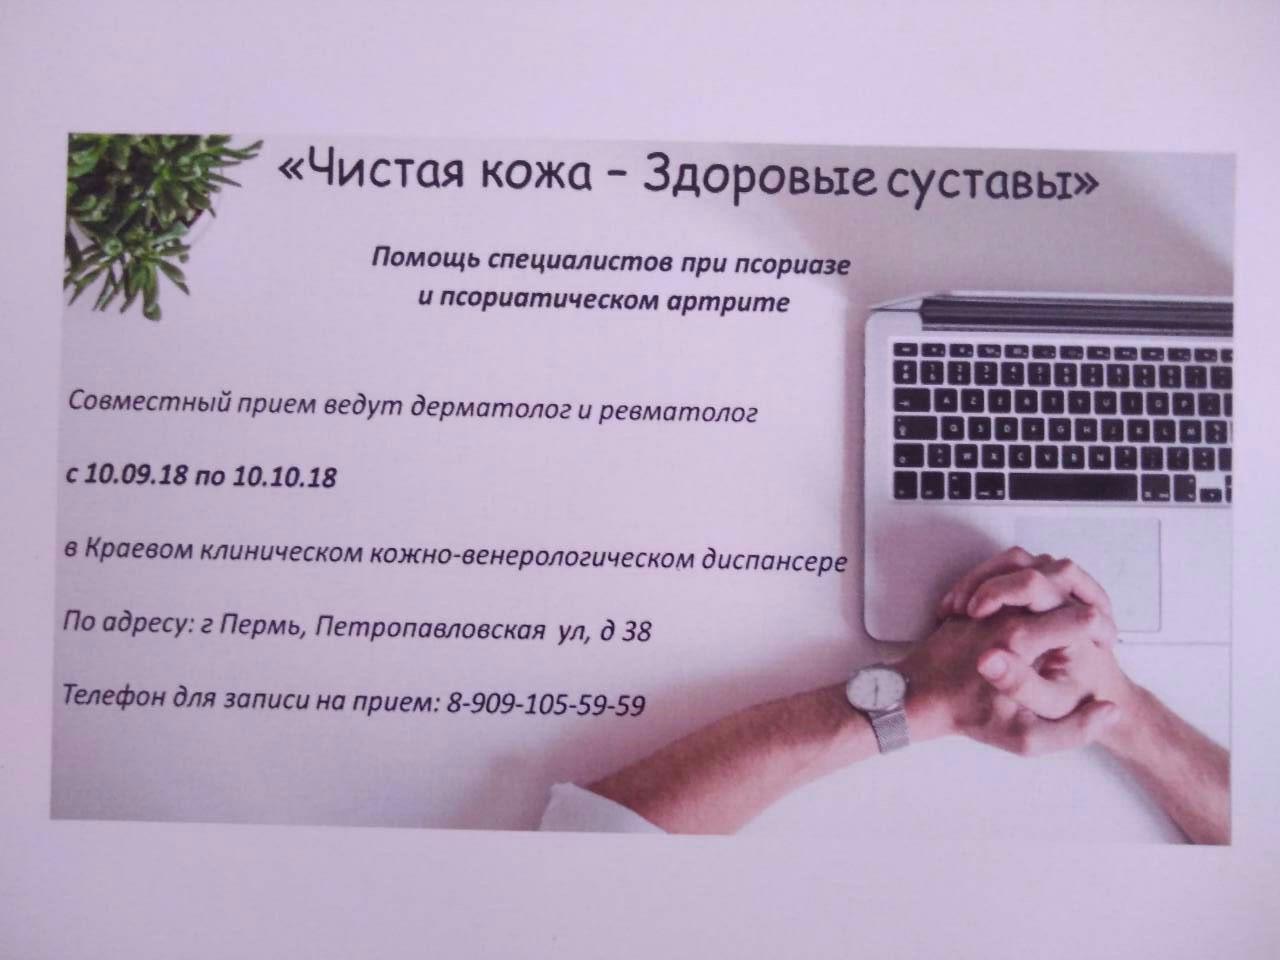 Кожно-венерологические диспансеры москвы с адресами. как записаться на прием